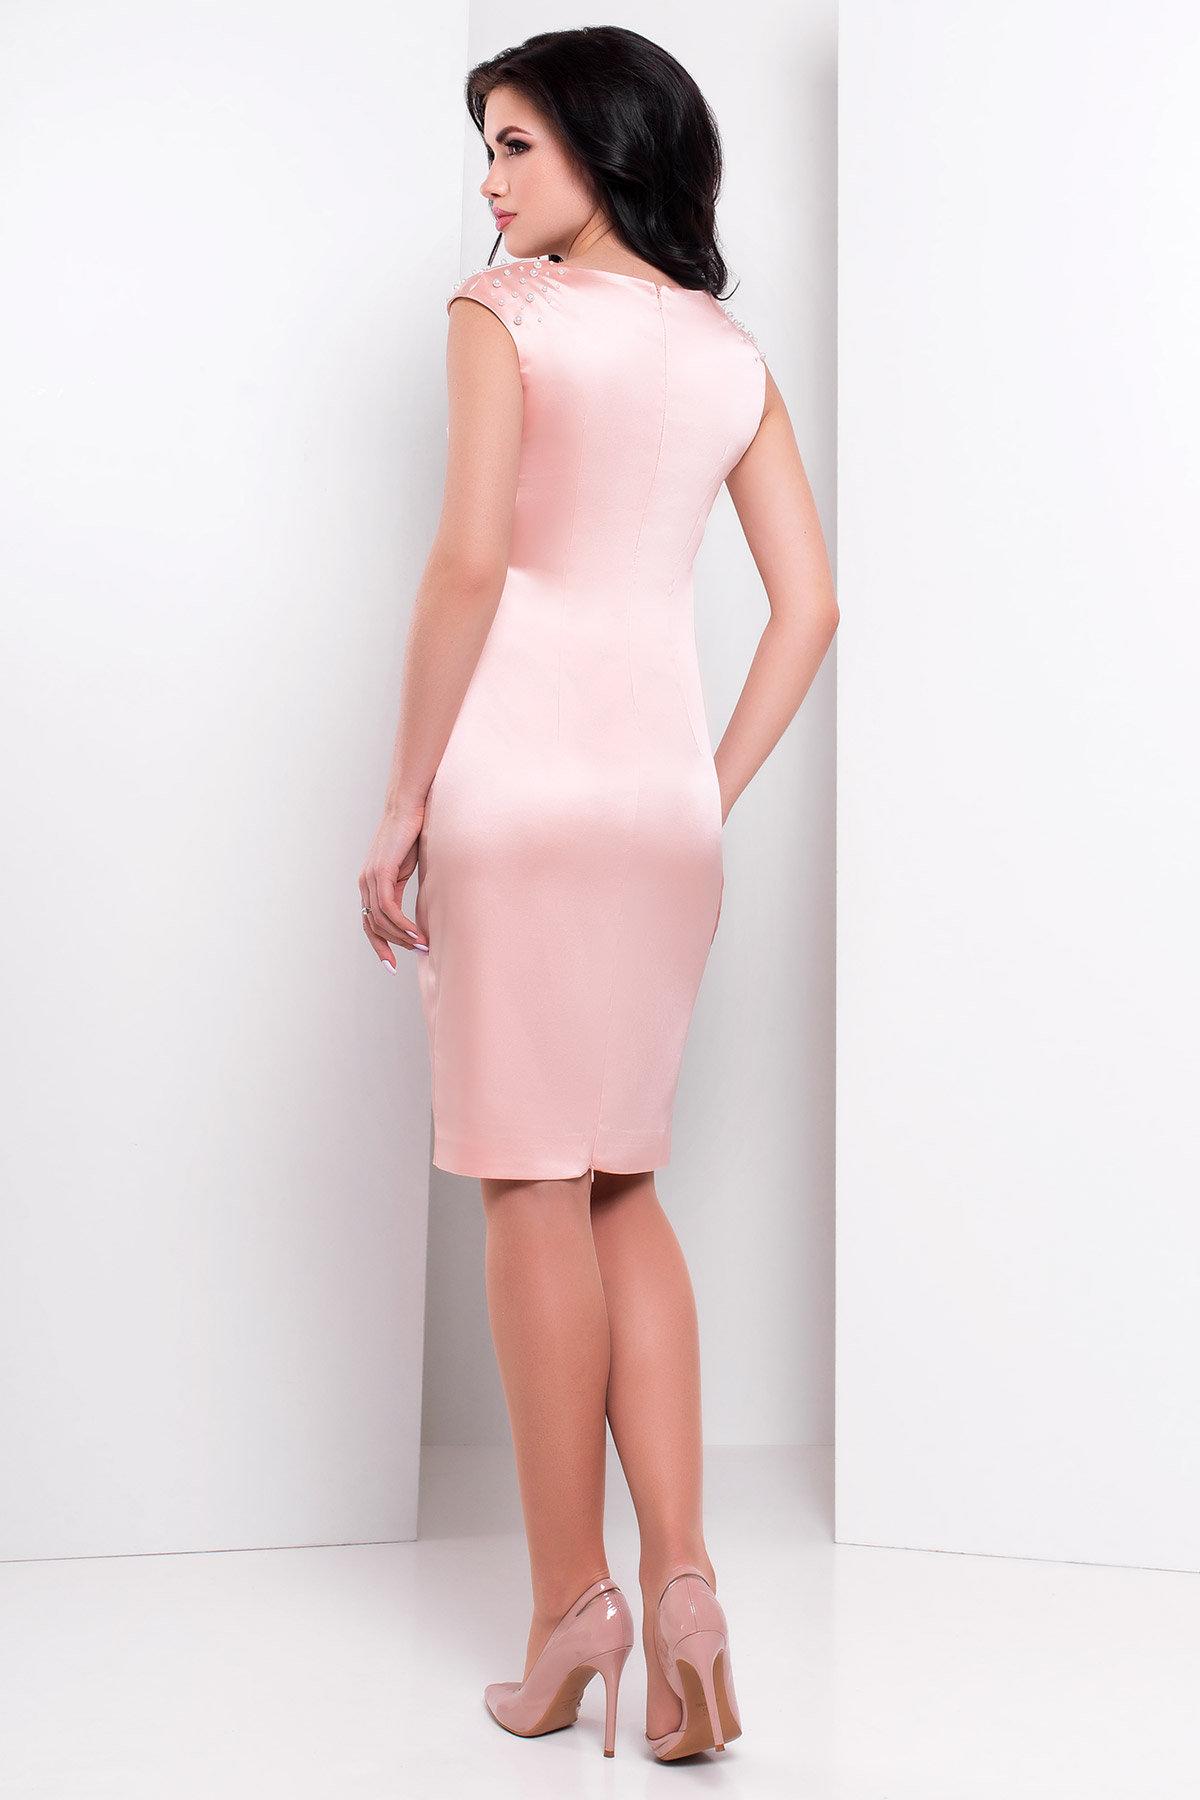 Платье Дарина 2964 АРТ. 15619 Цвет: Персик - фото 2, интернет магазин tm-modus.ru